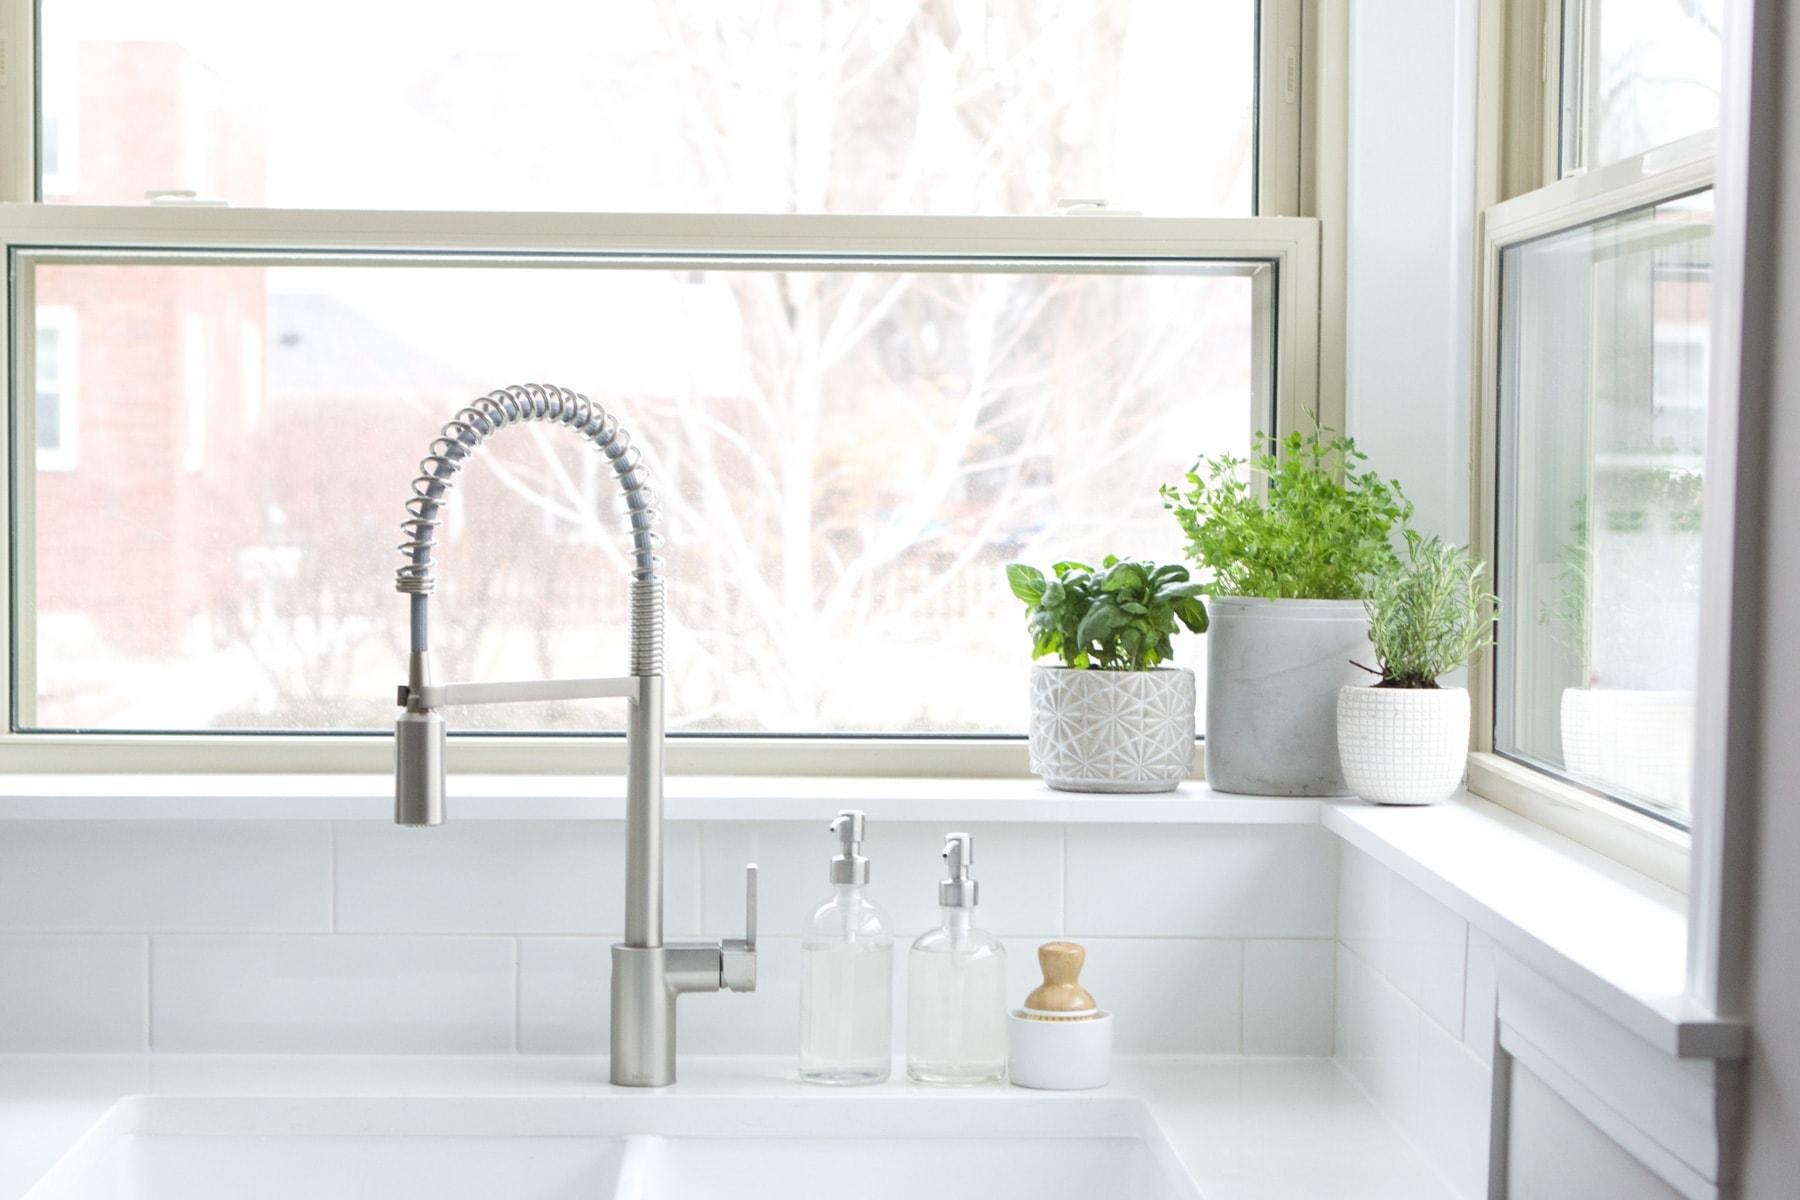 kitchen sink planters